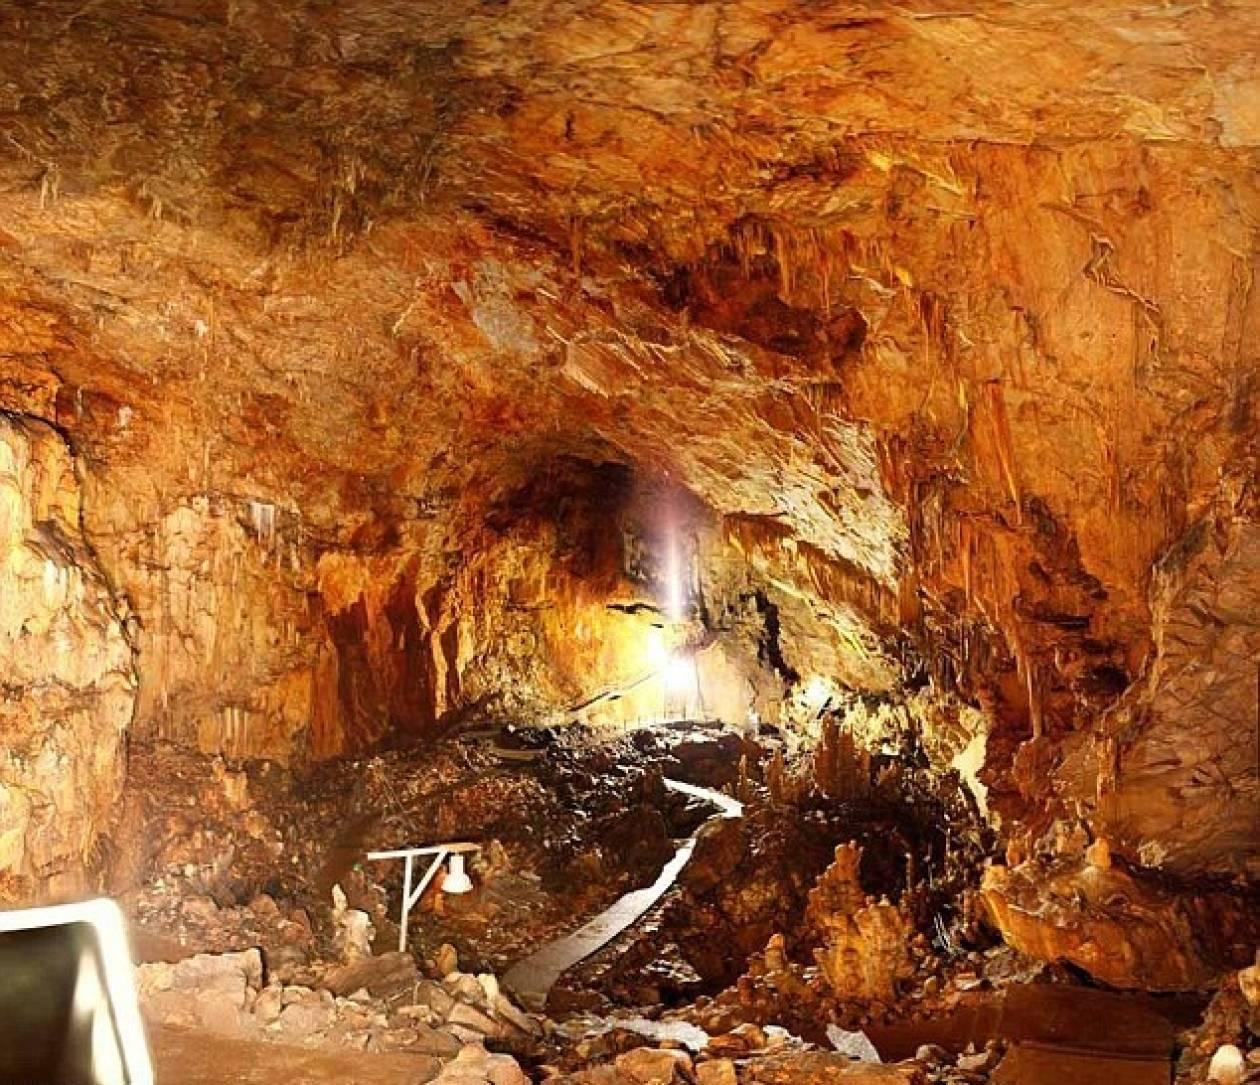 Το σπήλαιο...που οδηγεί στον Κάτω Κόσμο